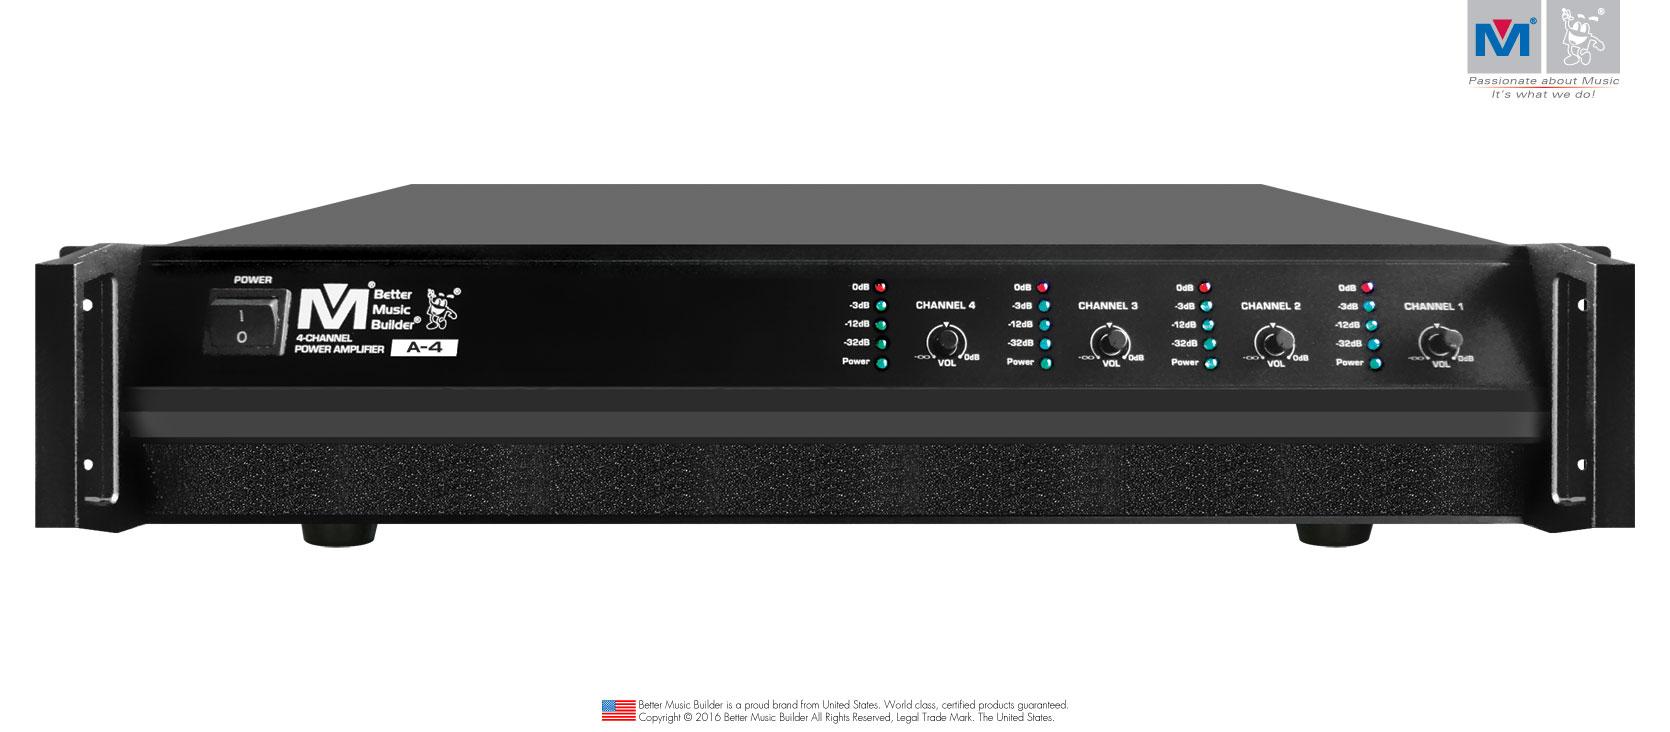 Better Music Builder (M) A-4 4-Channel Power Amplifier 1600 Watts